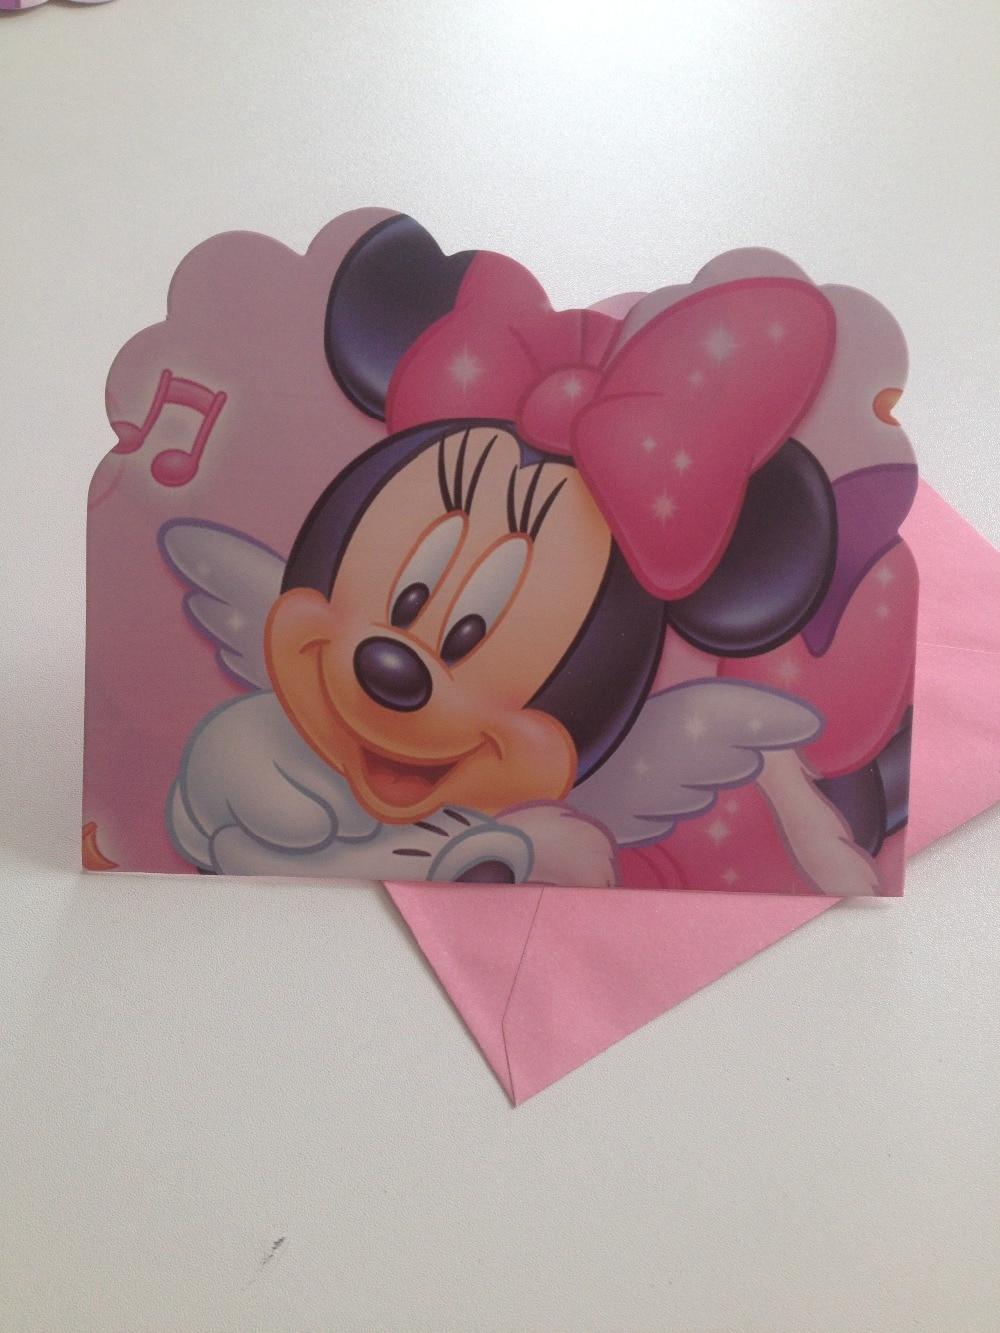 12 piezas/lote suministros de Fiesta de Minnie Mouse de dibujos animados decoraciones para fiesta de cumpleaños de los niños y suministros de invitaciones de cumpleaños bonitos 28